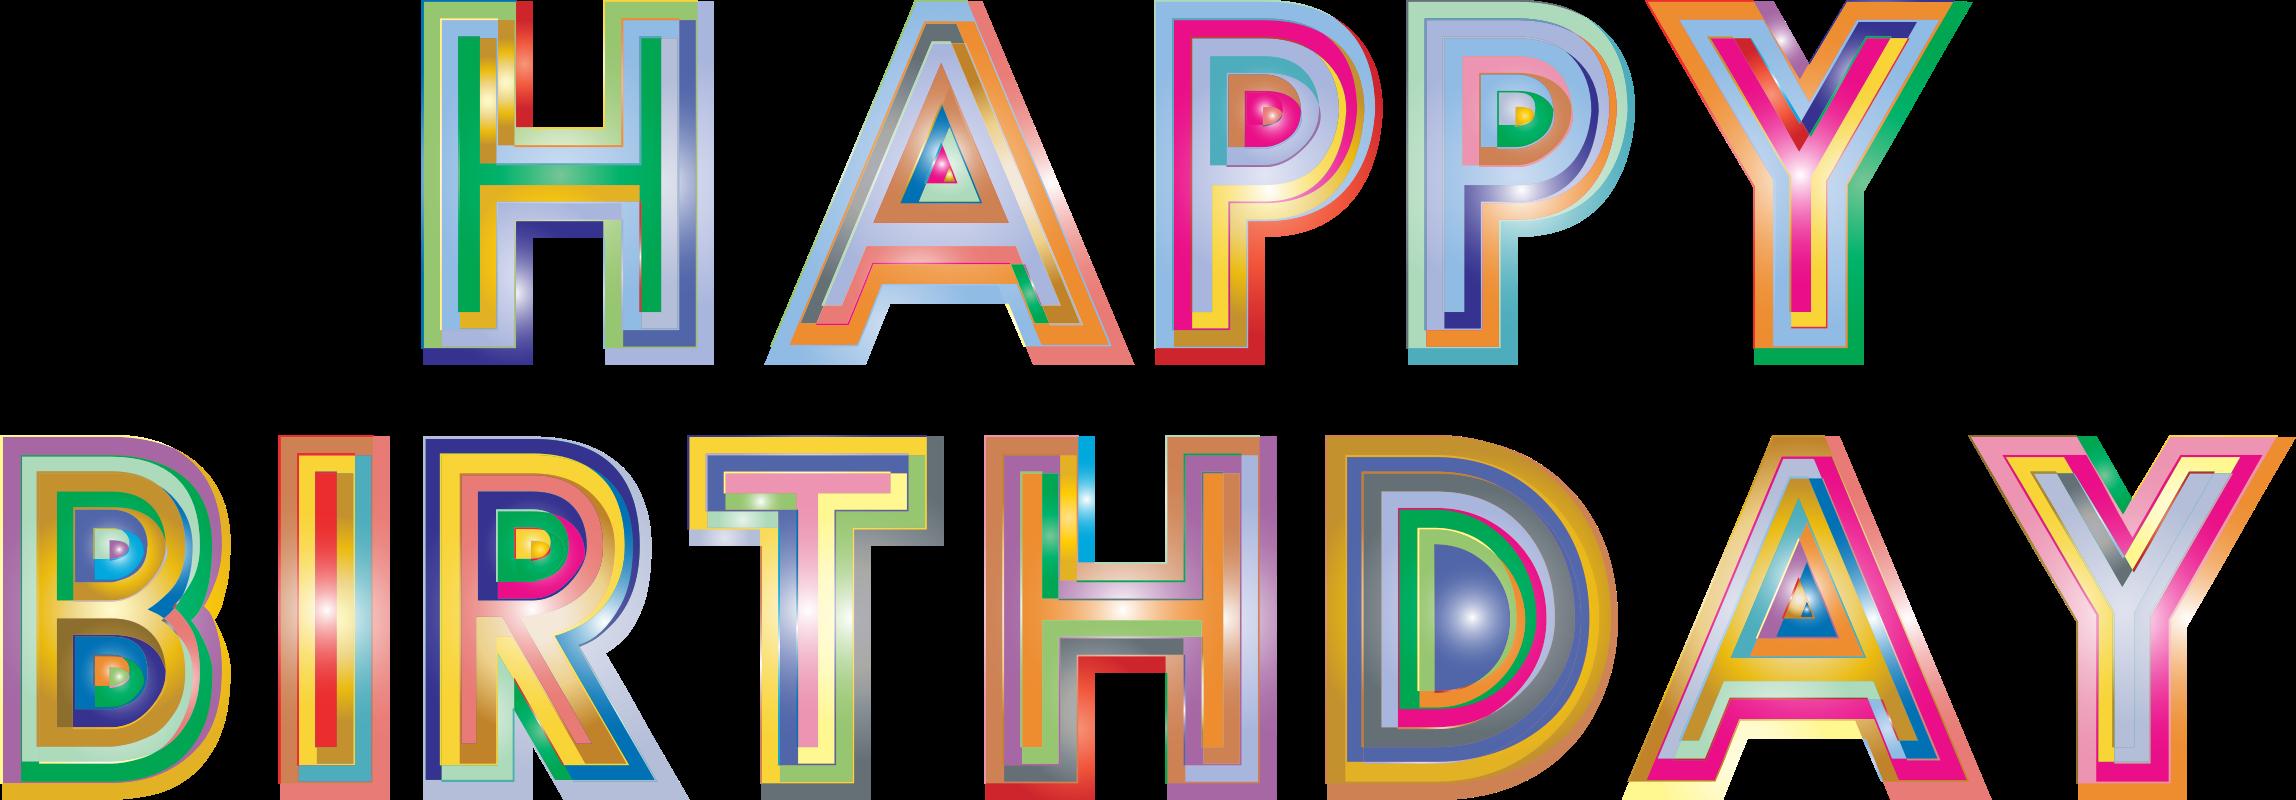 Birthday happy birthday